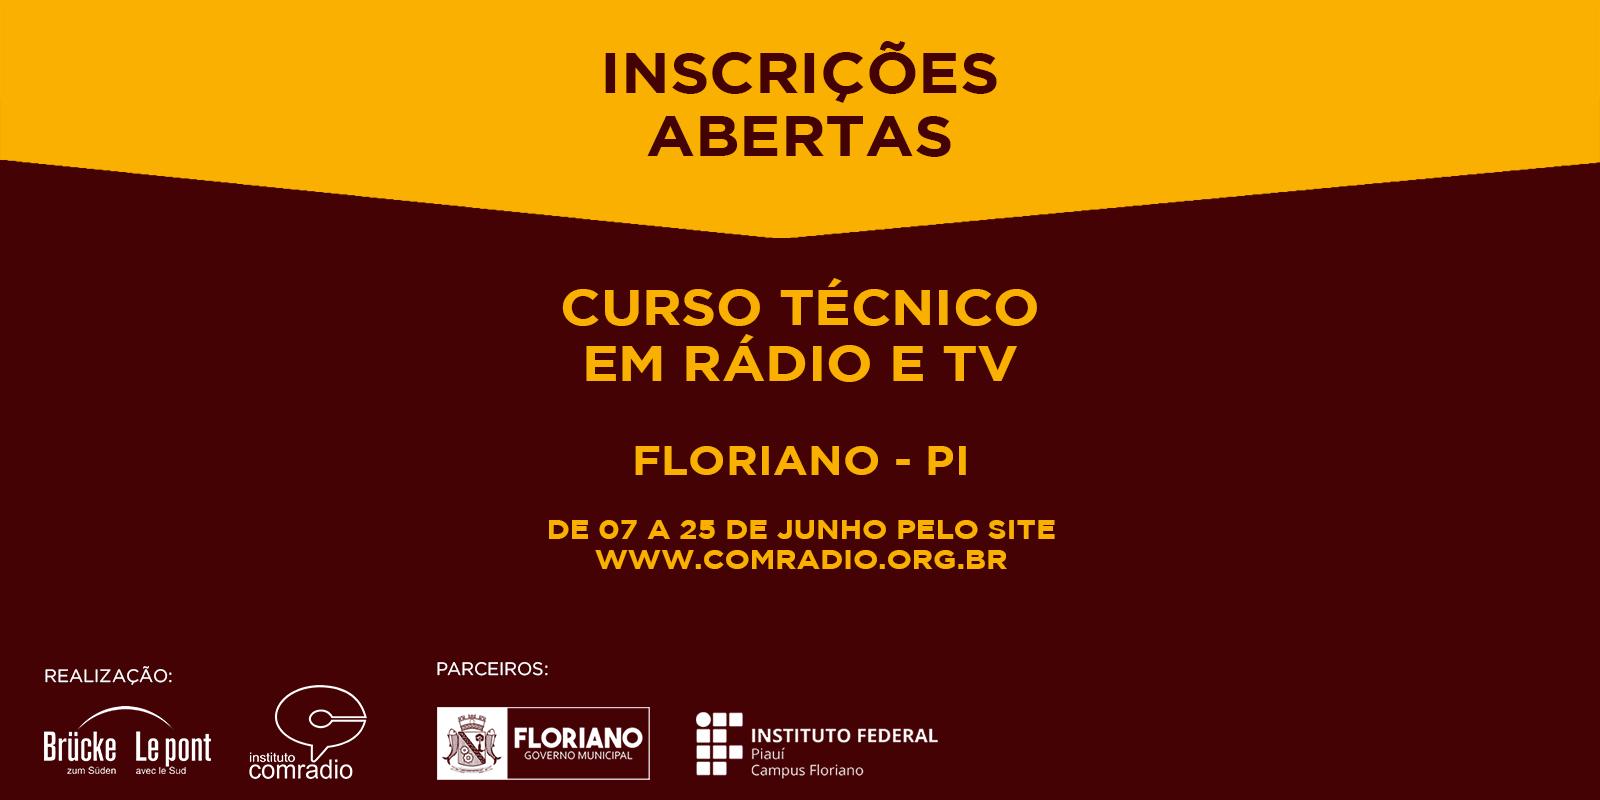 Instituto Comradio do Brasil está com inscrições abertas para o Curso Técnico de Rádio e TV em Floriano -PI